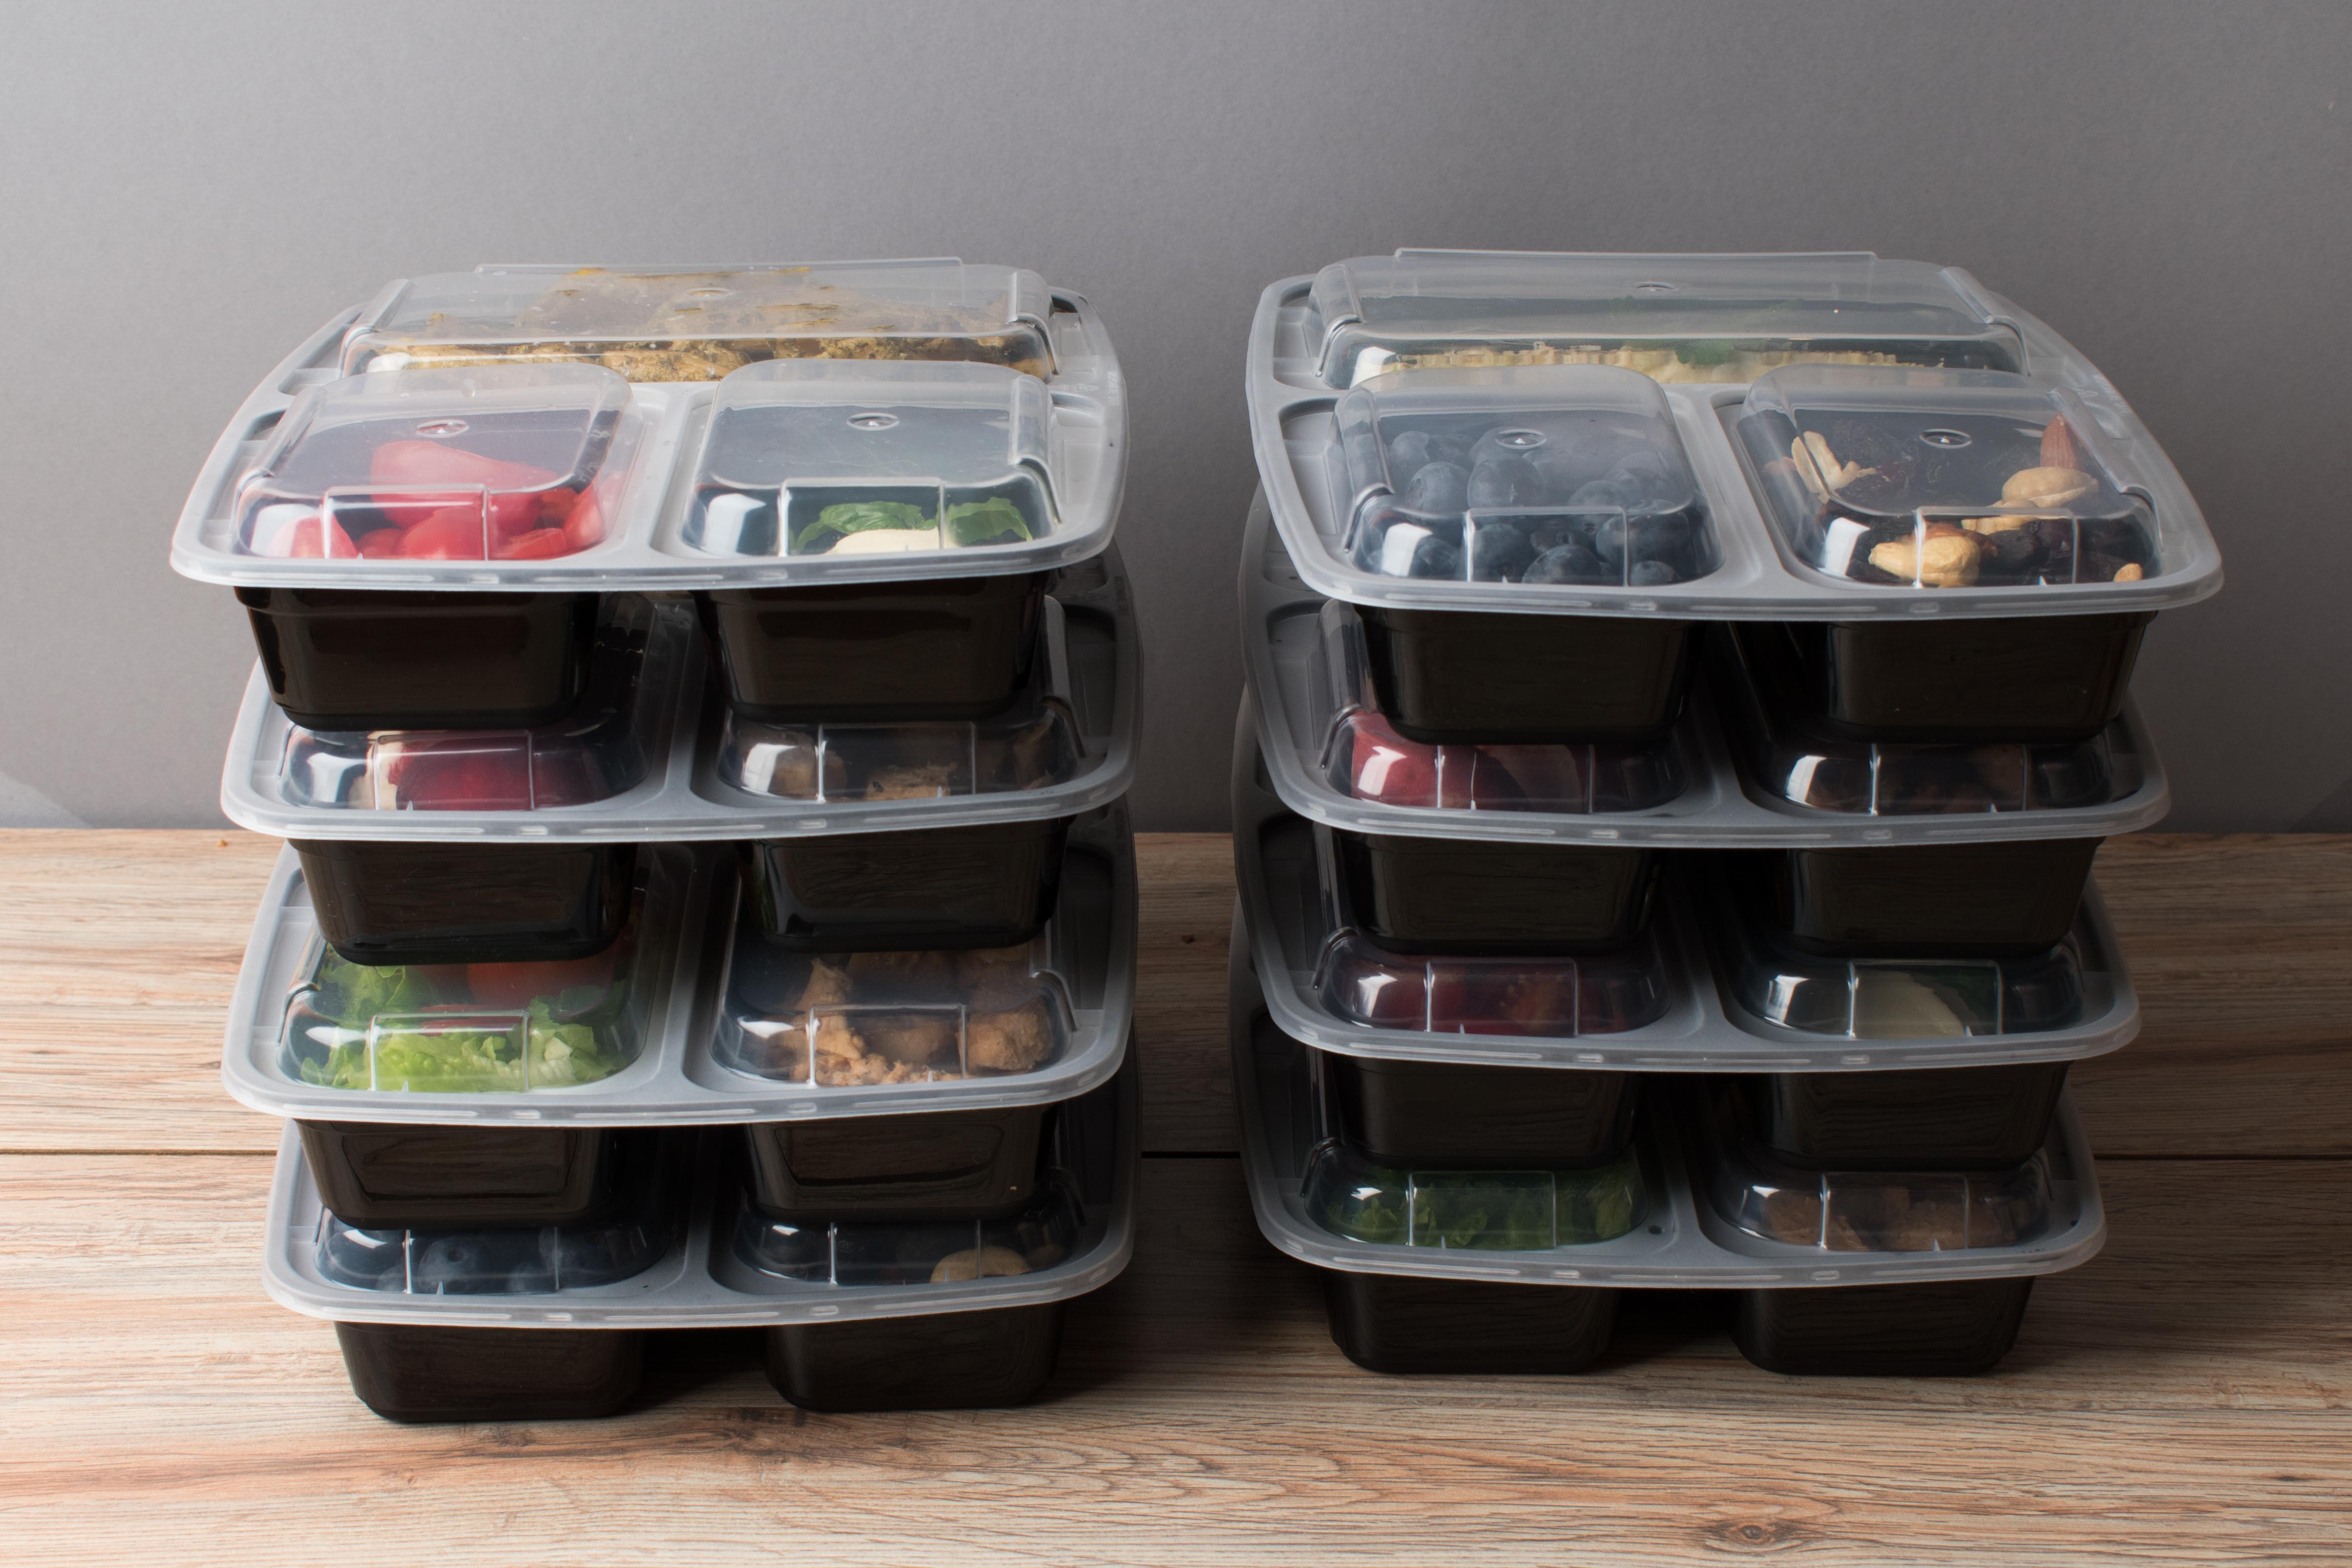 Foodprep kastītes – labāk stikla vai plastmasa?